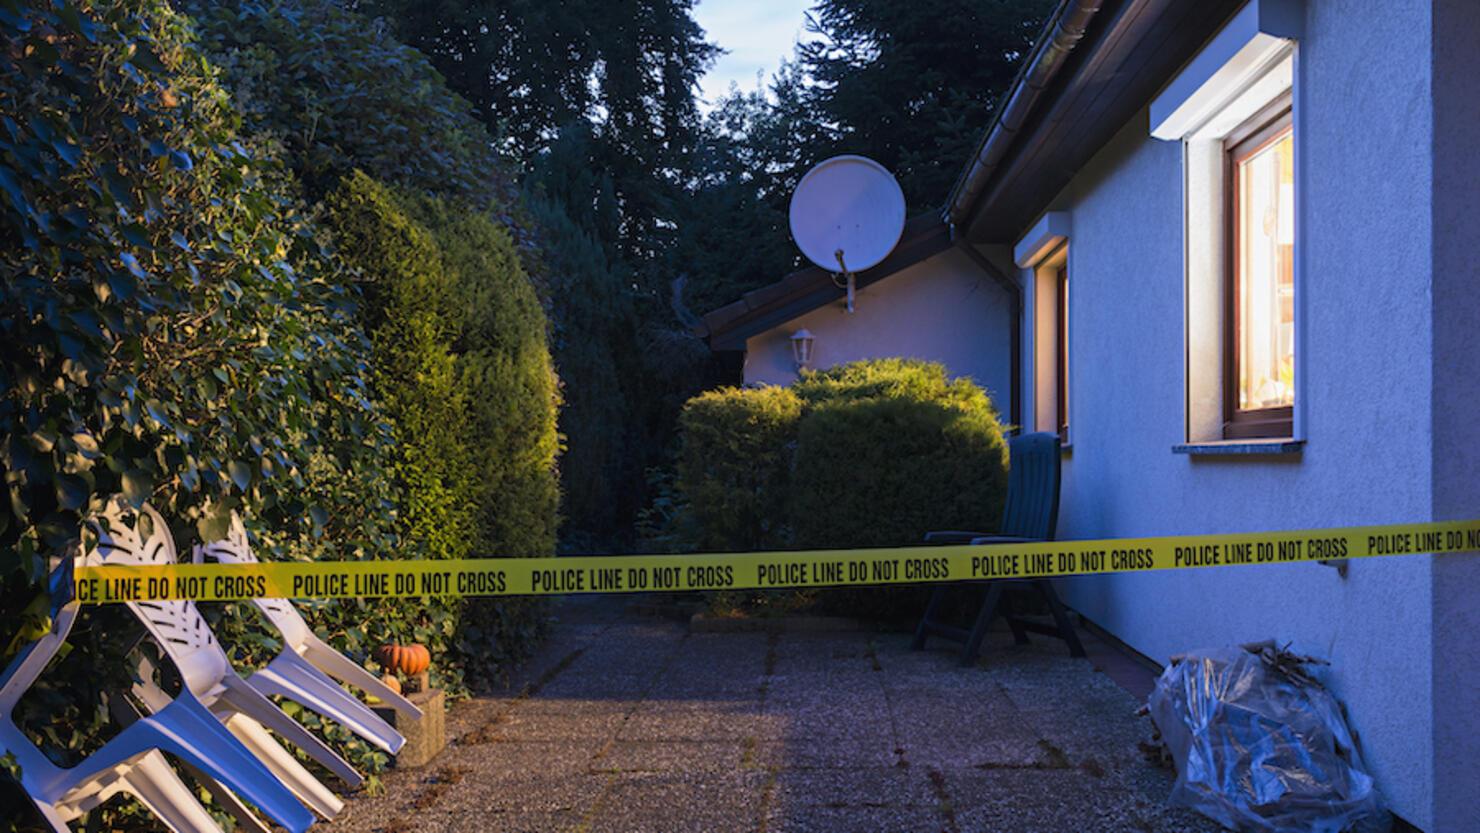 policeline do no cross at garden house